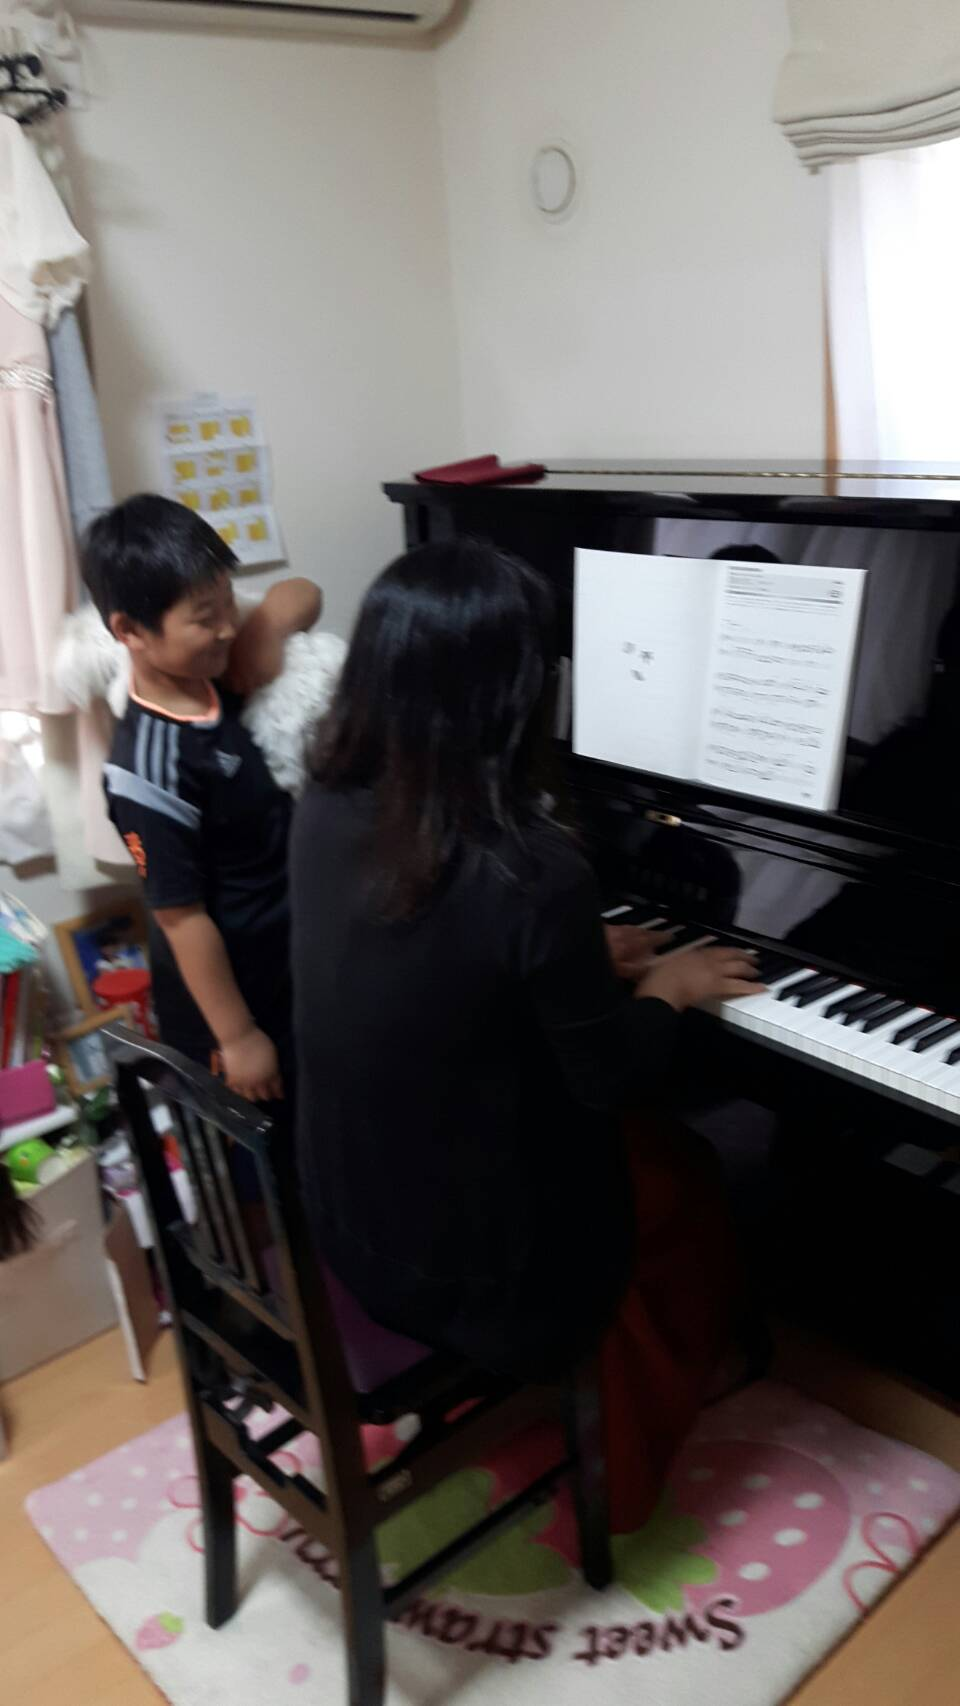 調律後の音色、タッチ感、ピアノの艶をお客様に確認いただきます。